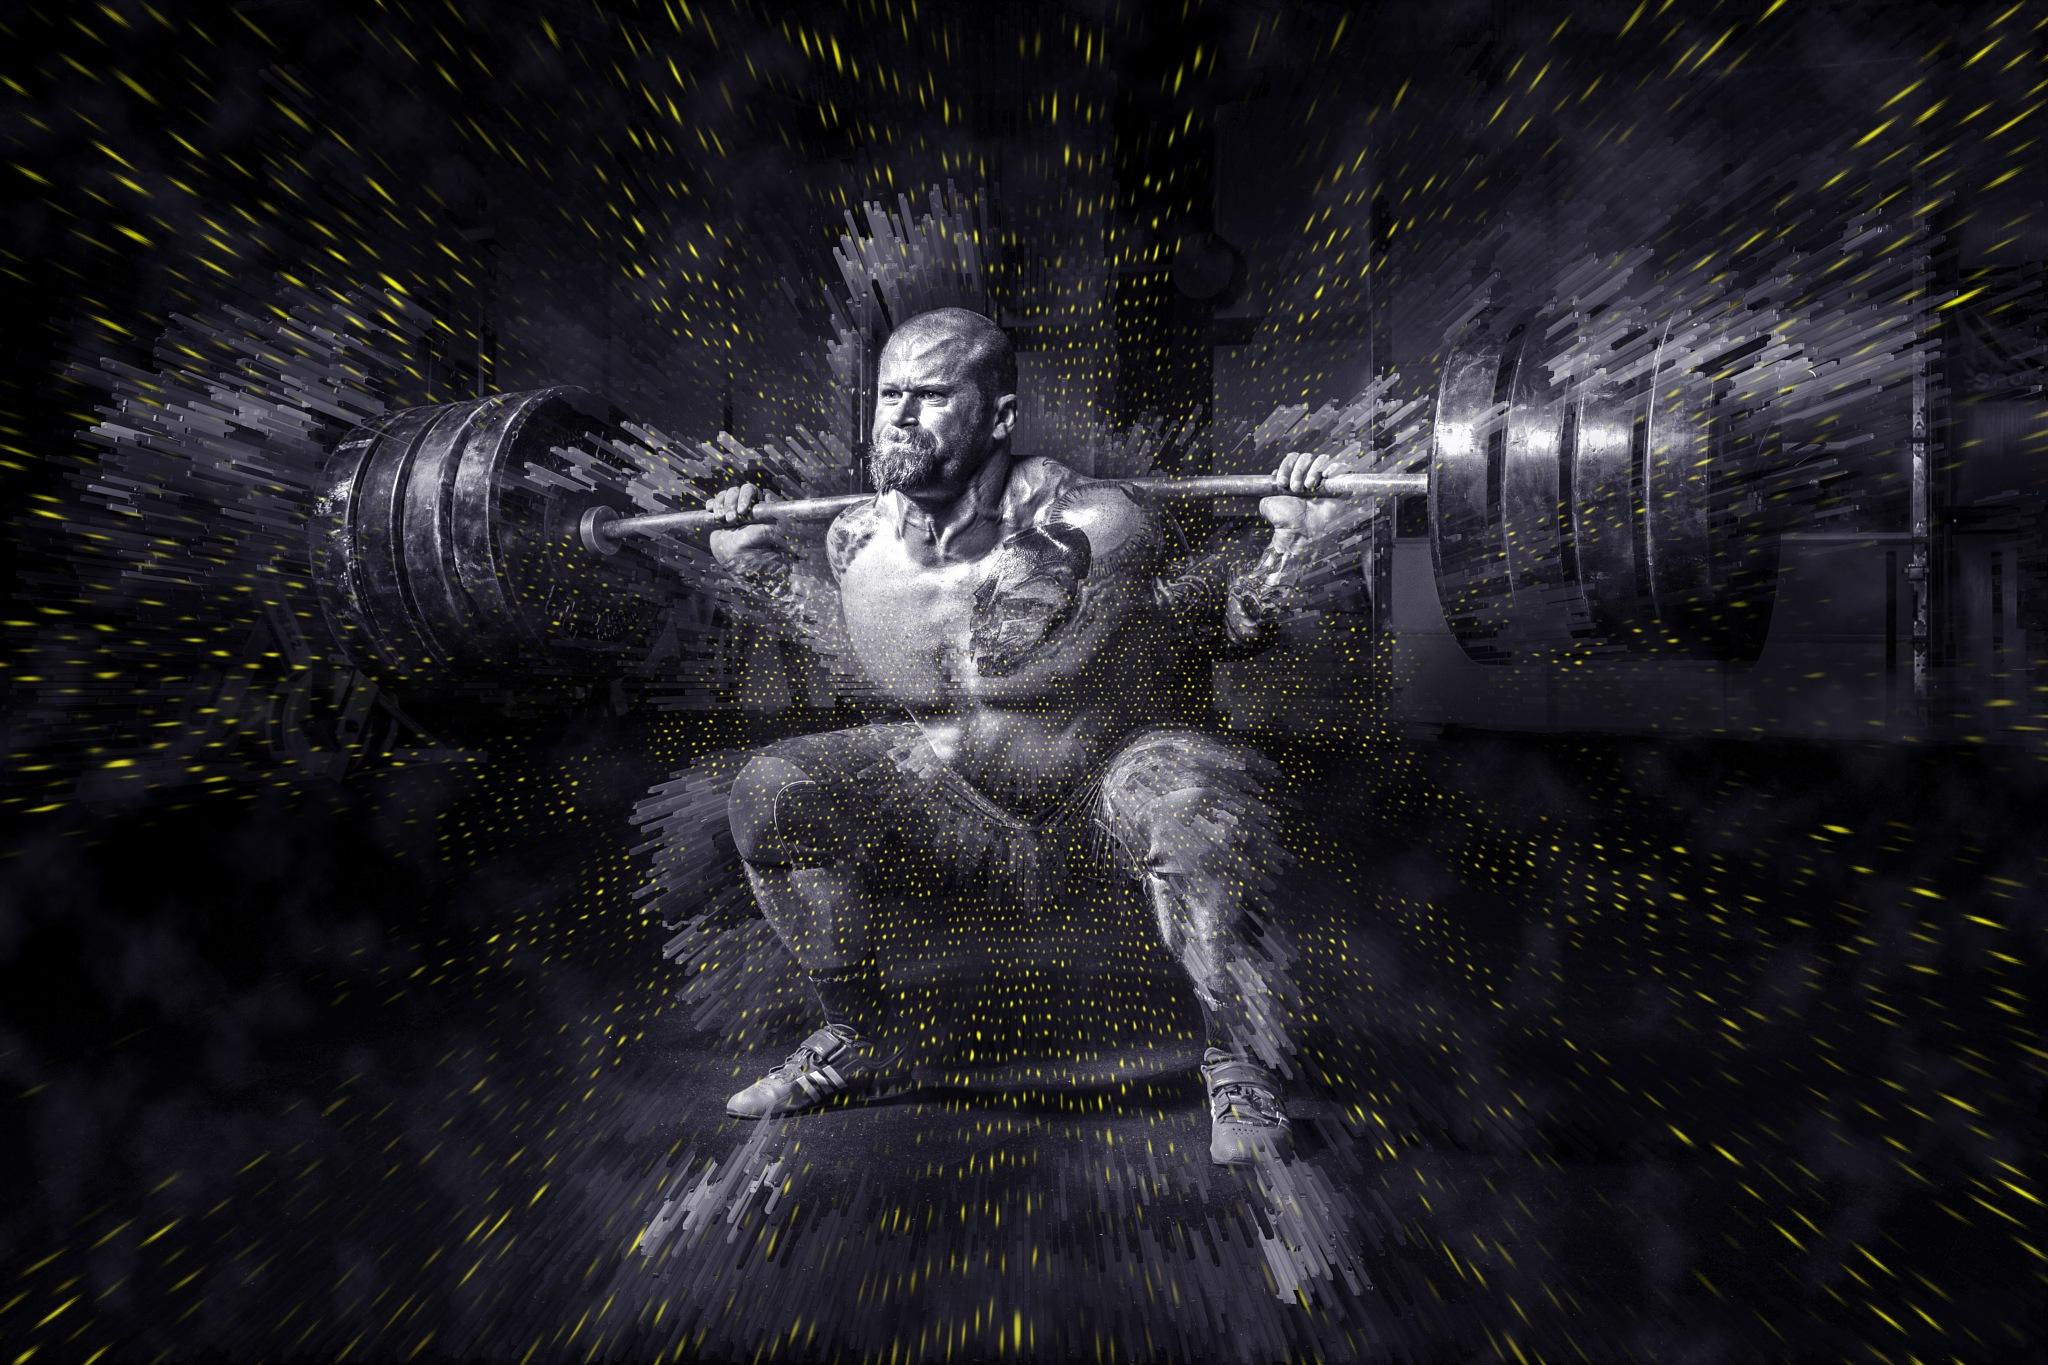 Weightlifter by Brigitte Werner